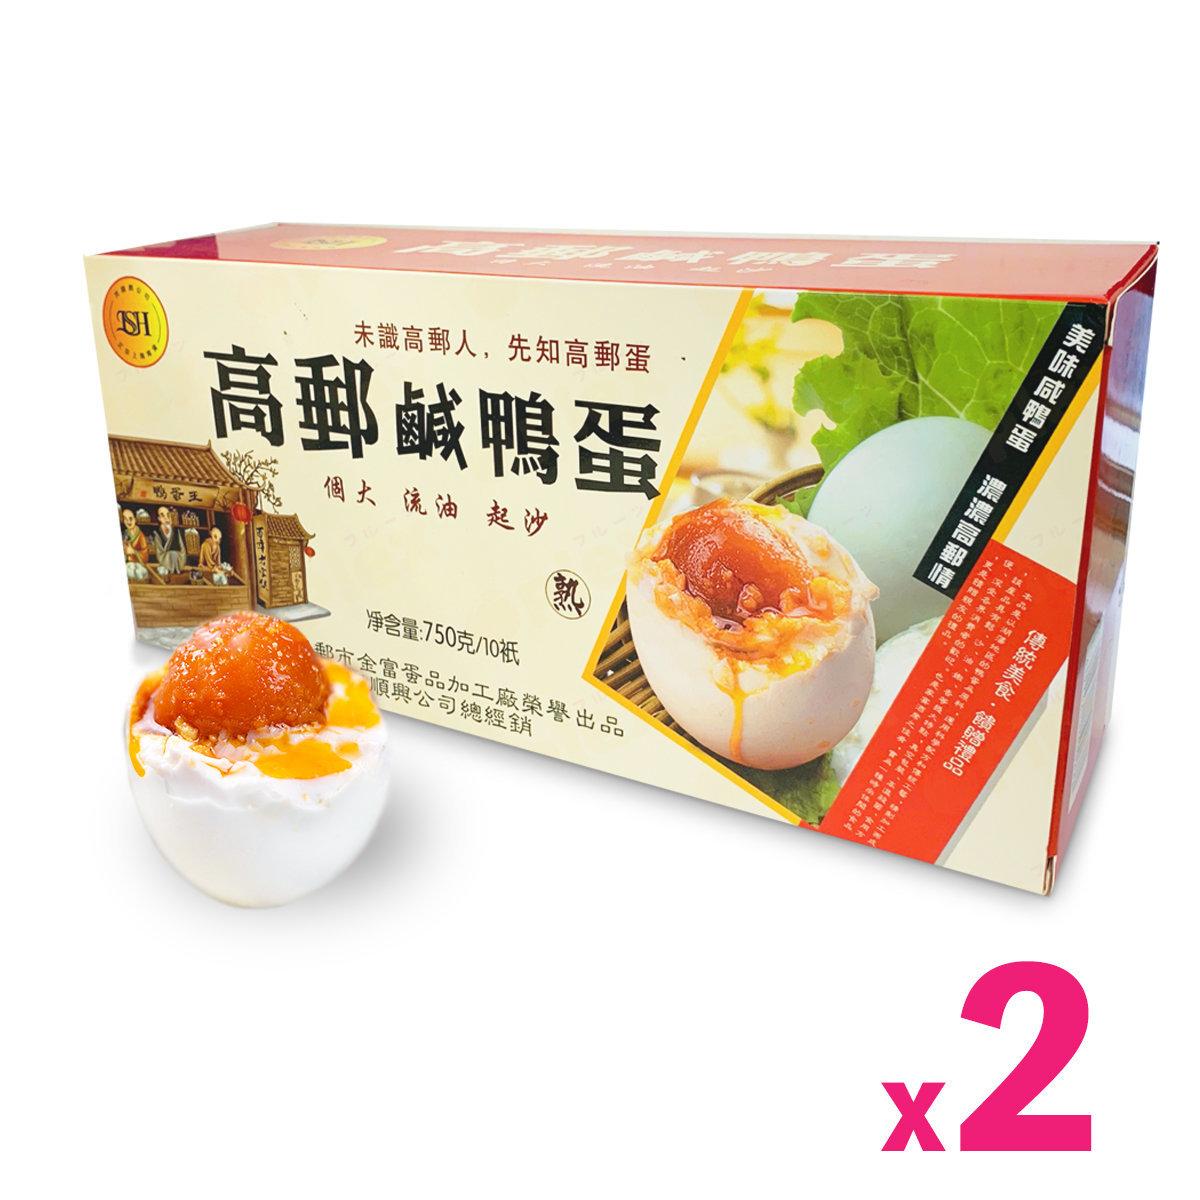 同順興高郵流沙鹹鴨蛋 (10隻) x 2盒